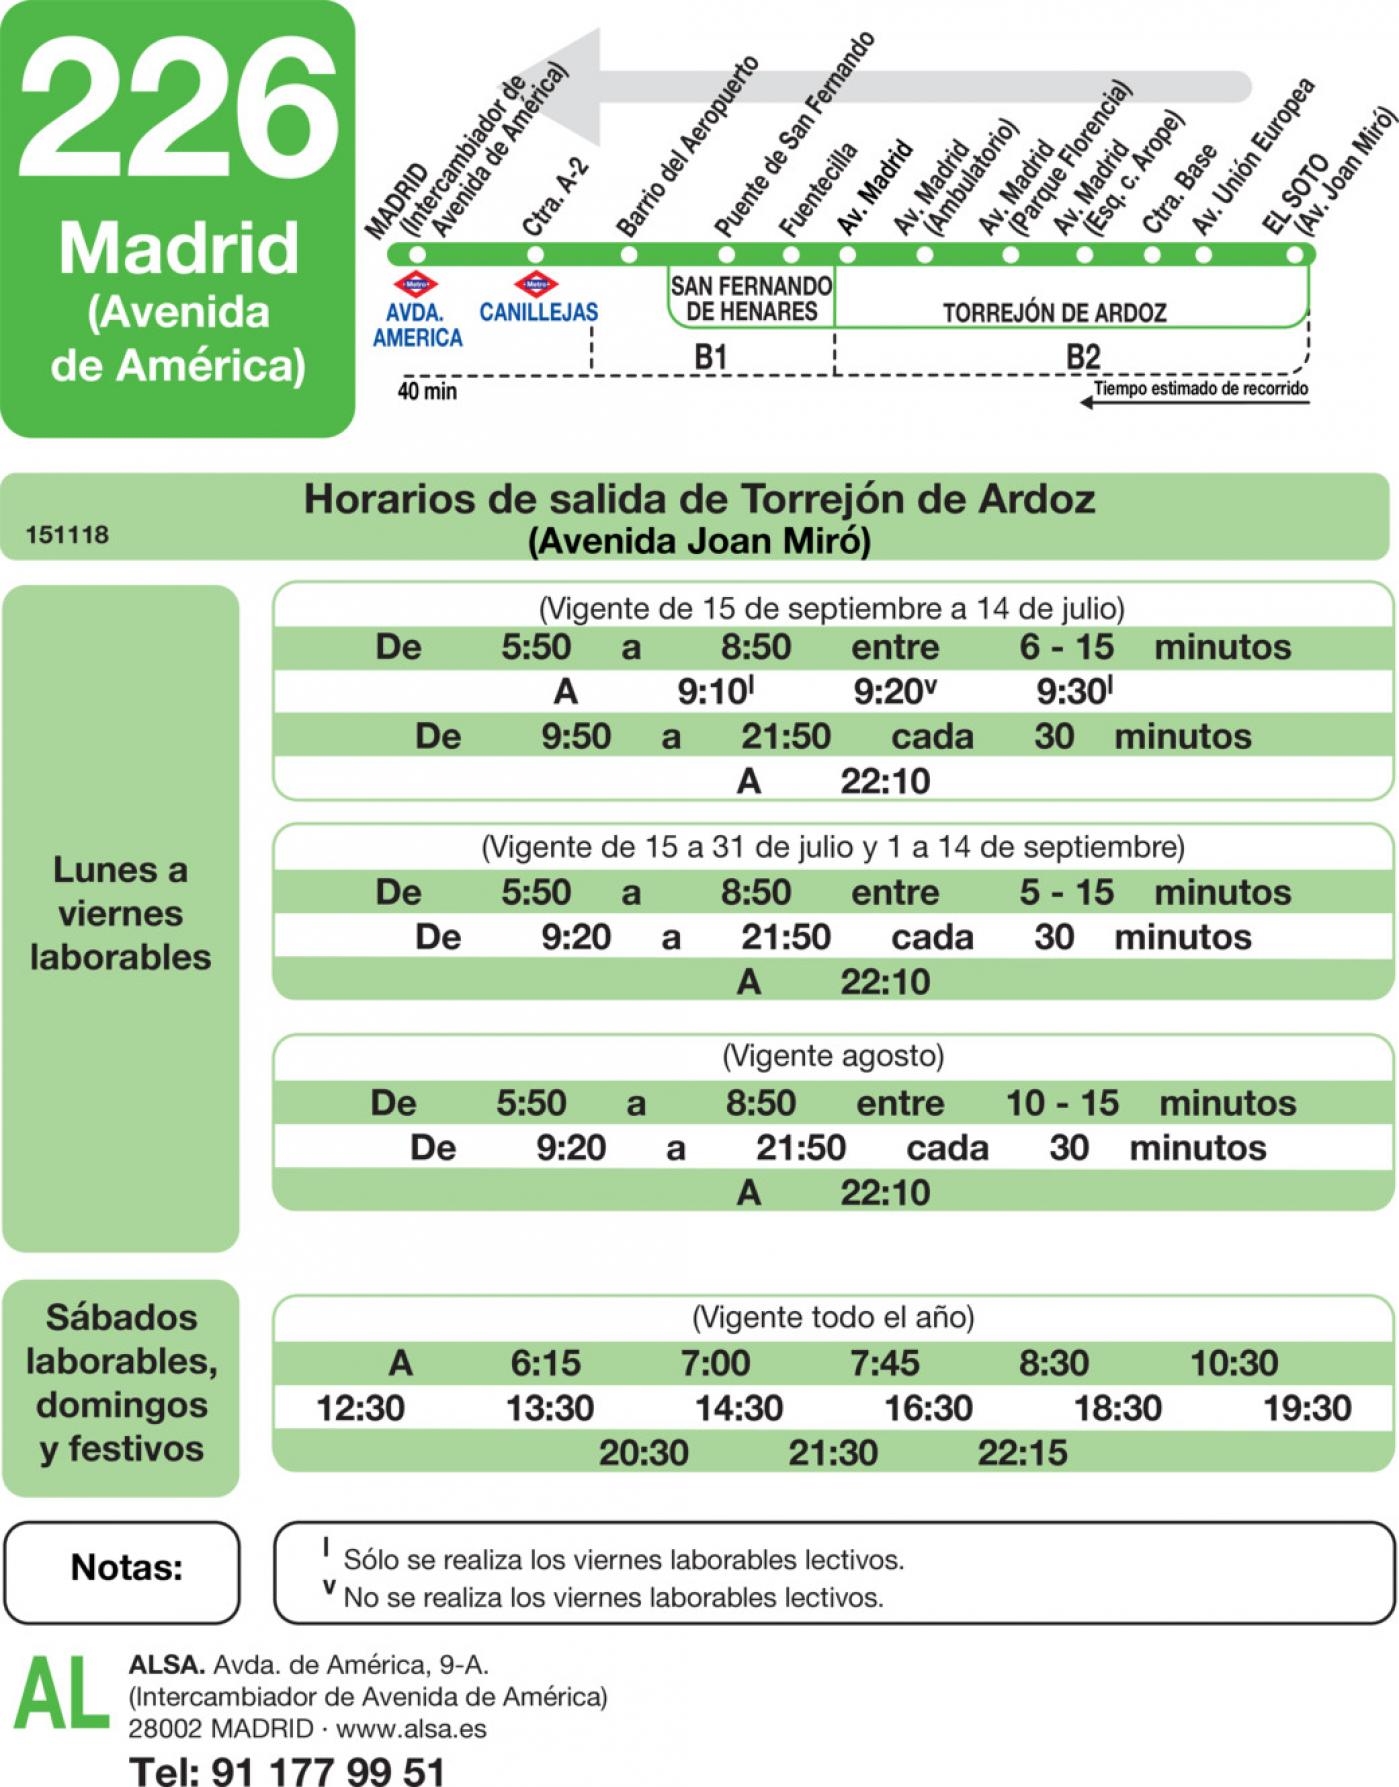 Tabla de horarios y frecuencias de paso en sentido vuelta Línea 226: Madrid (Avenida América) - Torrejón de Ardoz (Las Veredillas)